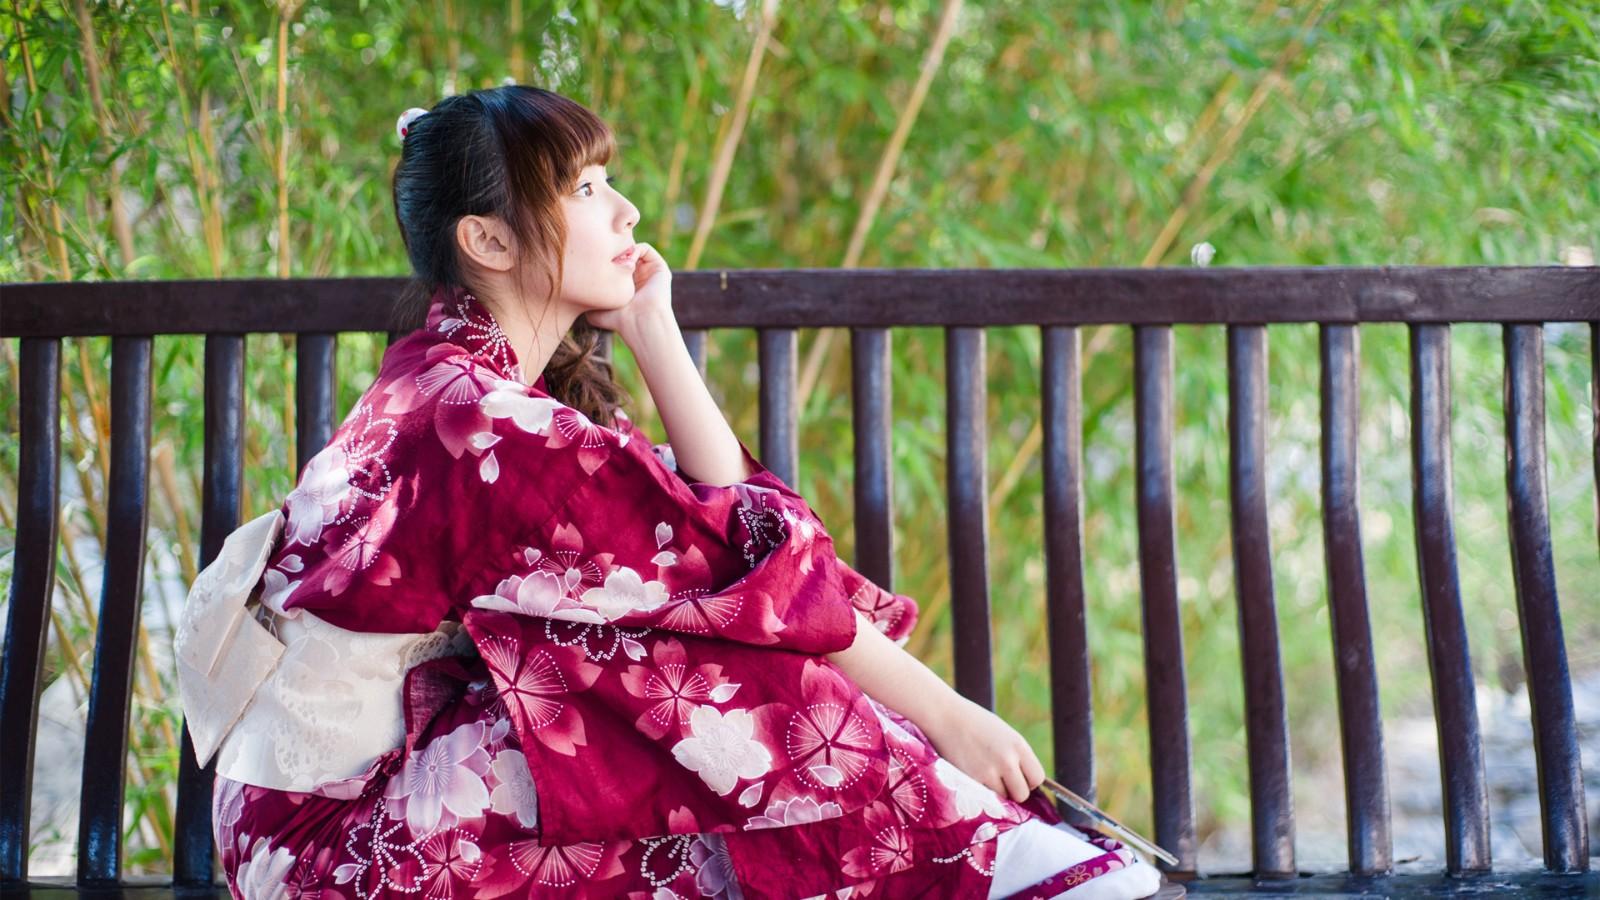 竹子 凉亭 椅子 日本和服美女壁纸